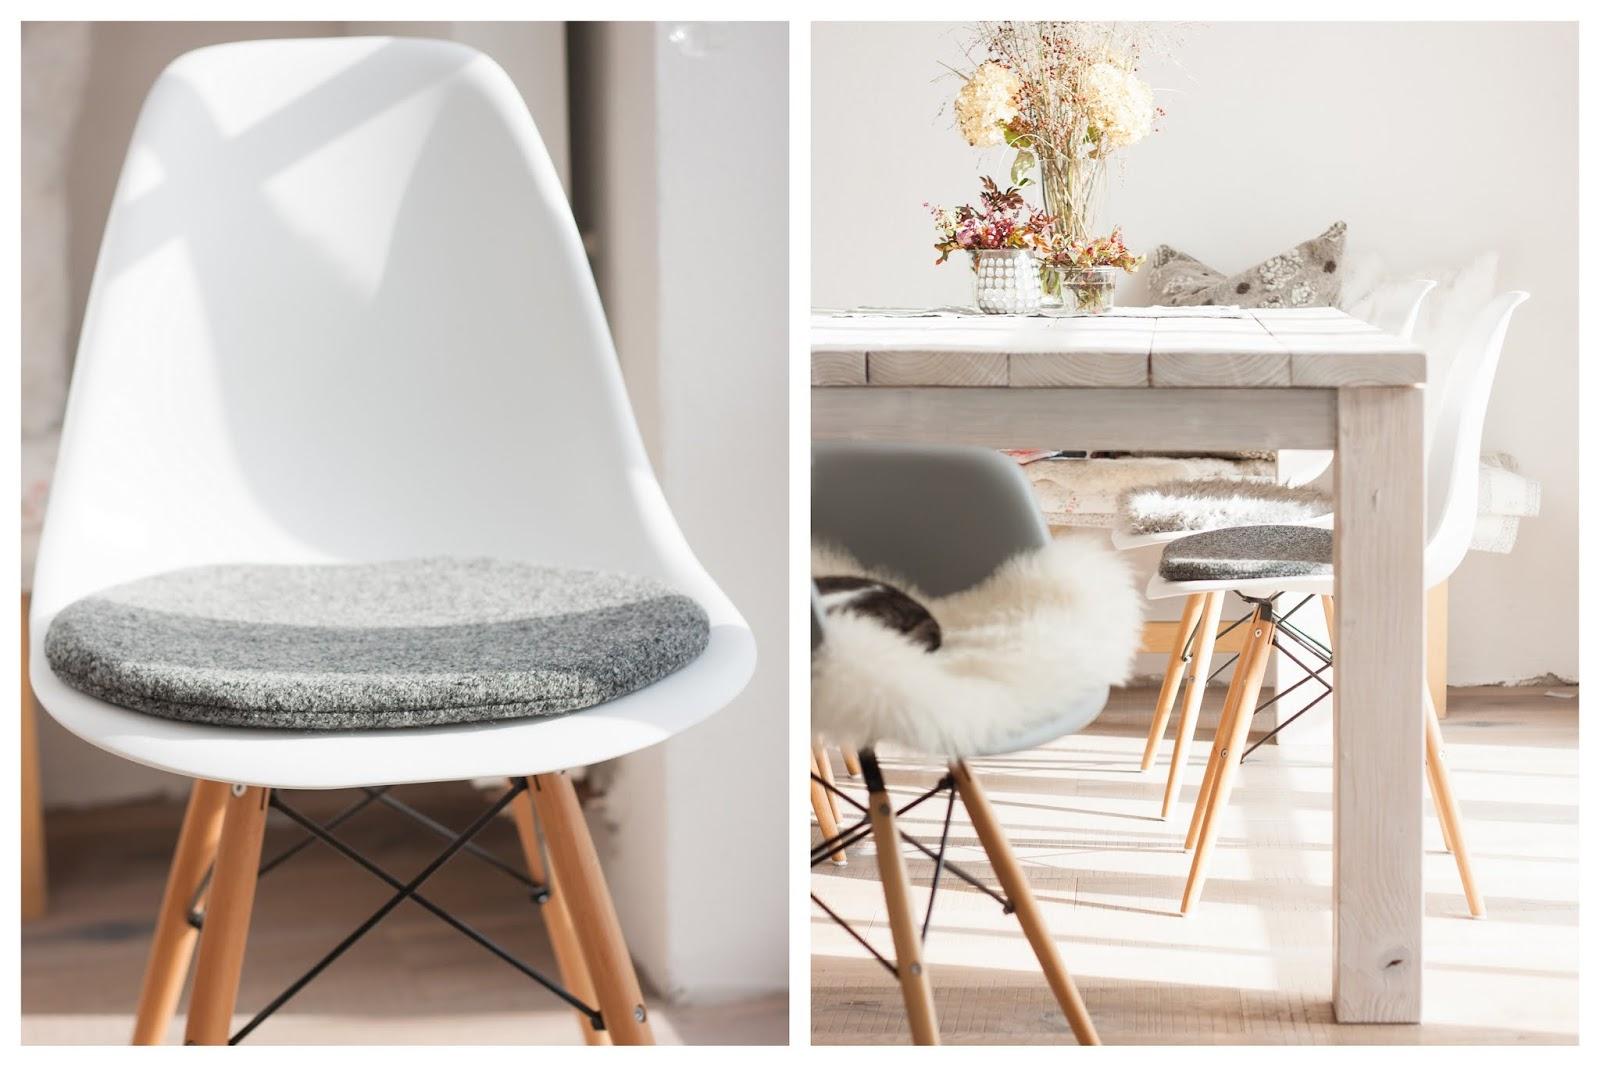 Entzuckend Sitzkissen Eames Chair, Sitzauflage